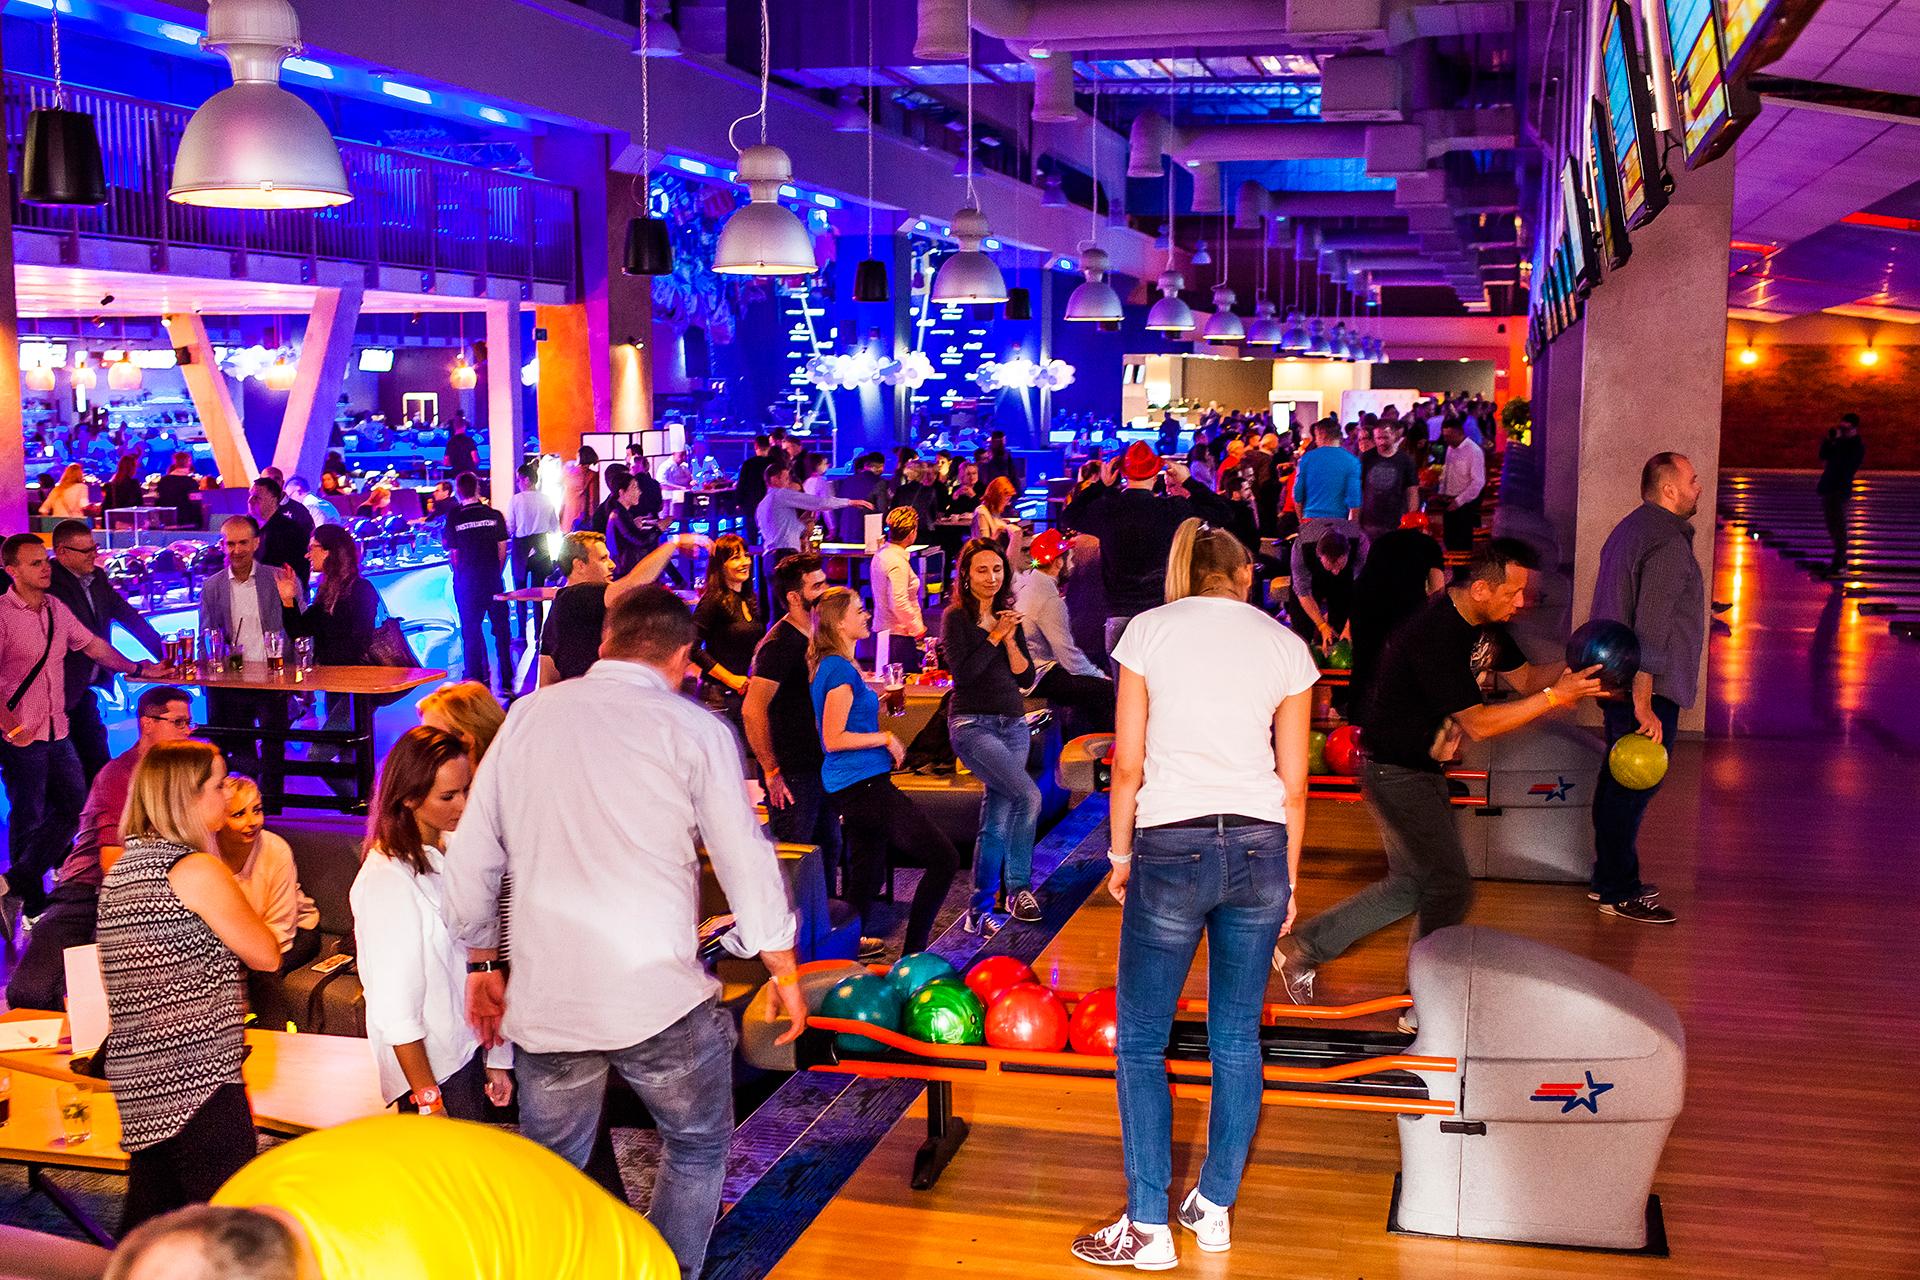 """Zarejestruj swój udział w Branżowym Turnieju Bowlingowym: """"B2Beat branża spotyka się w Hulakula!"""""""